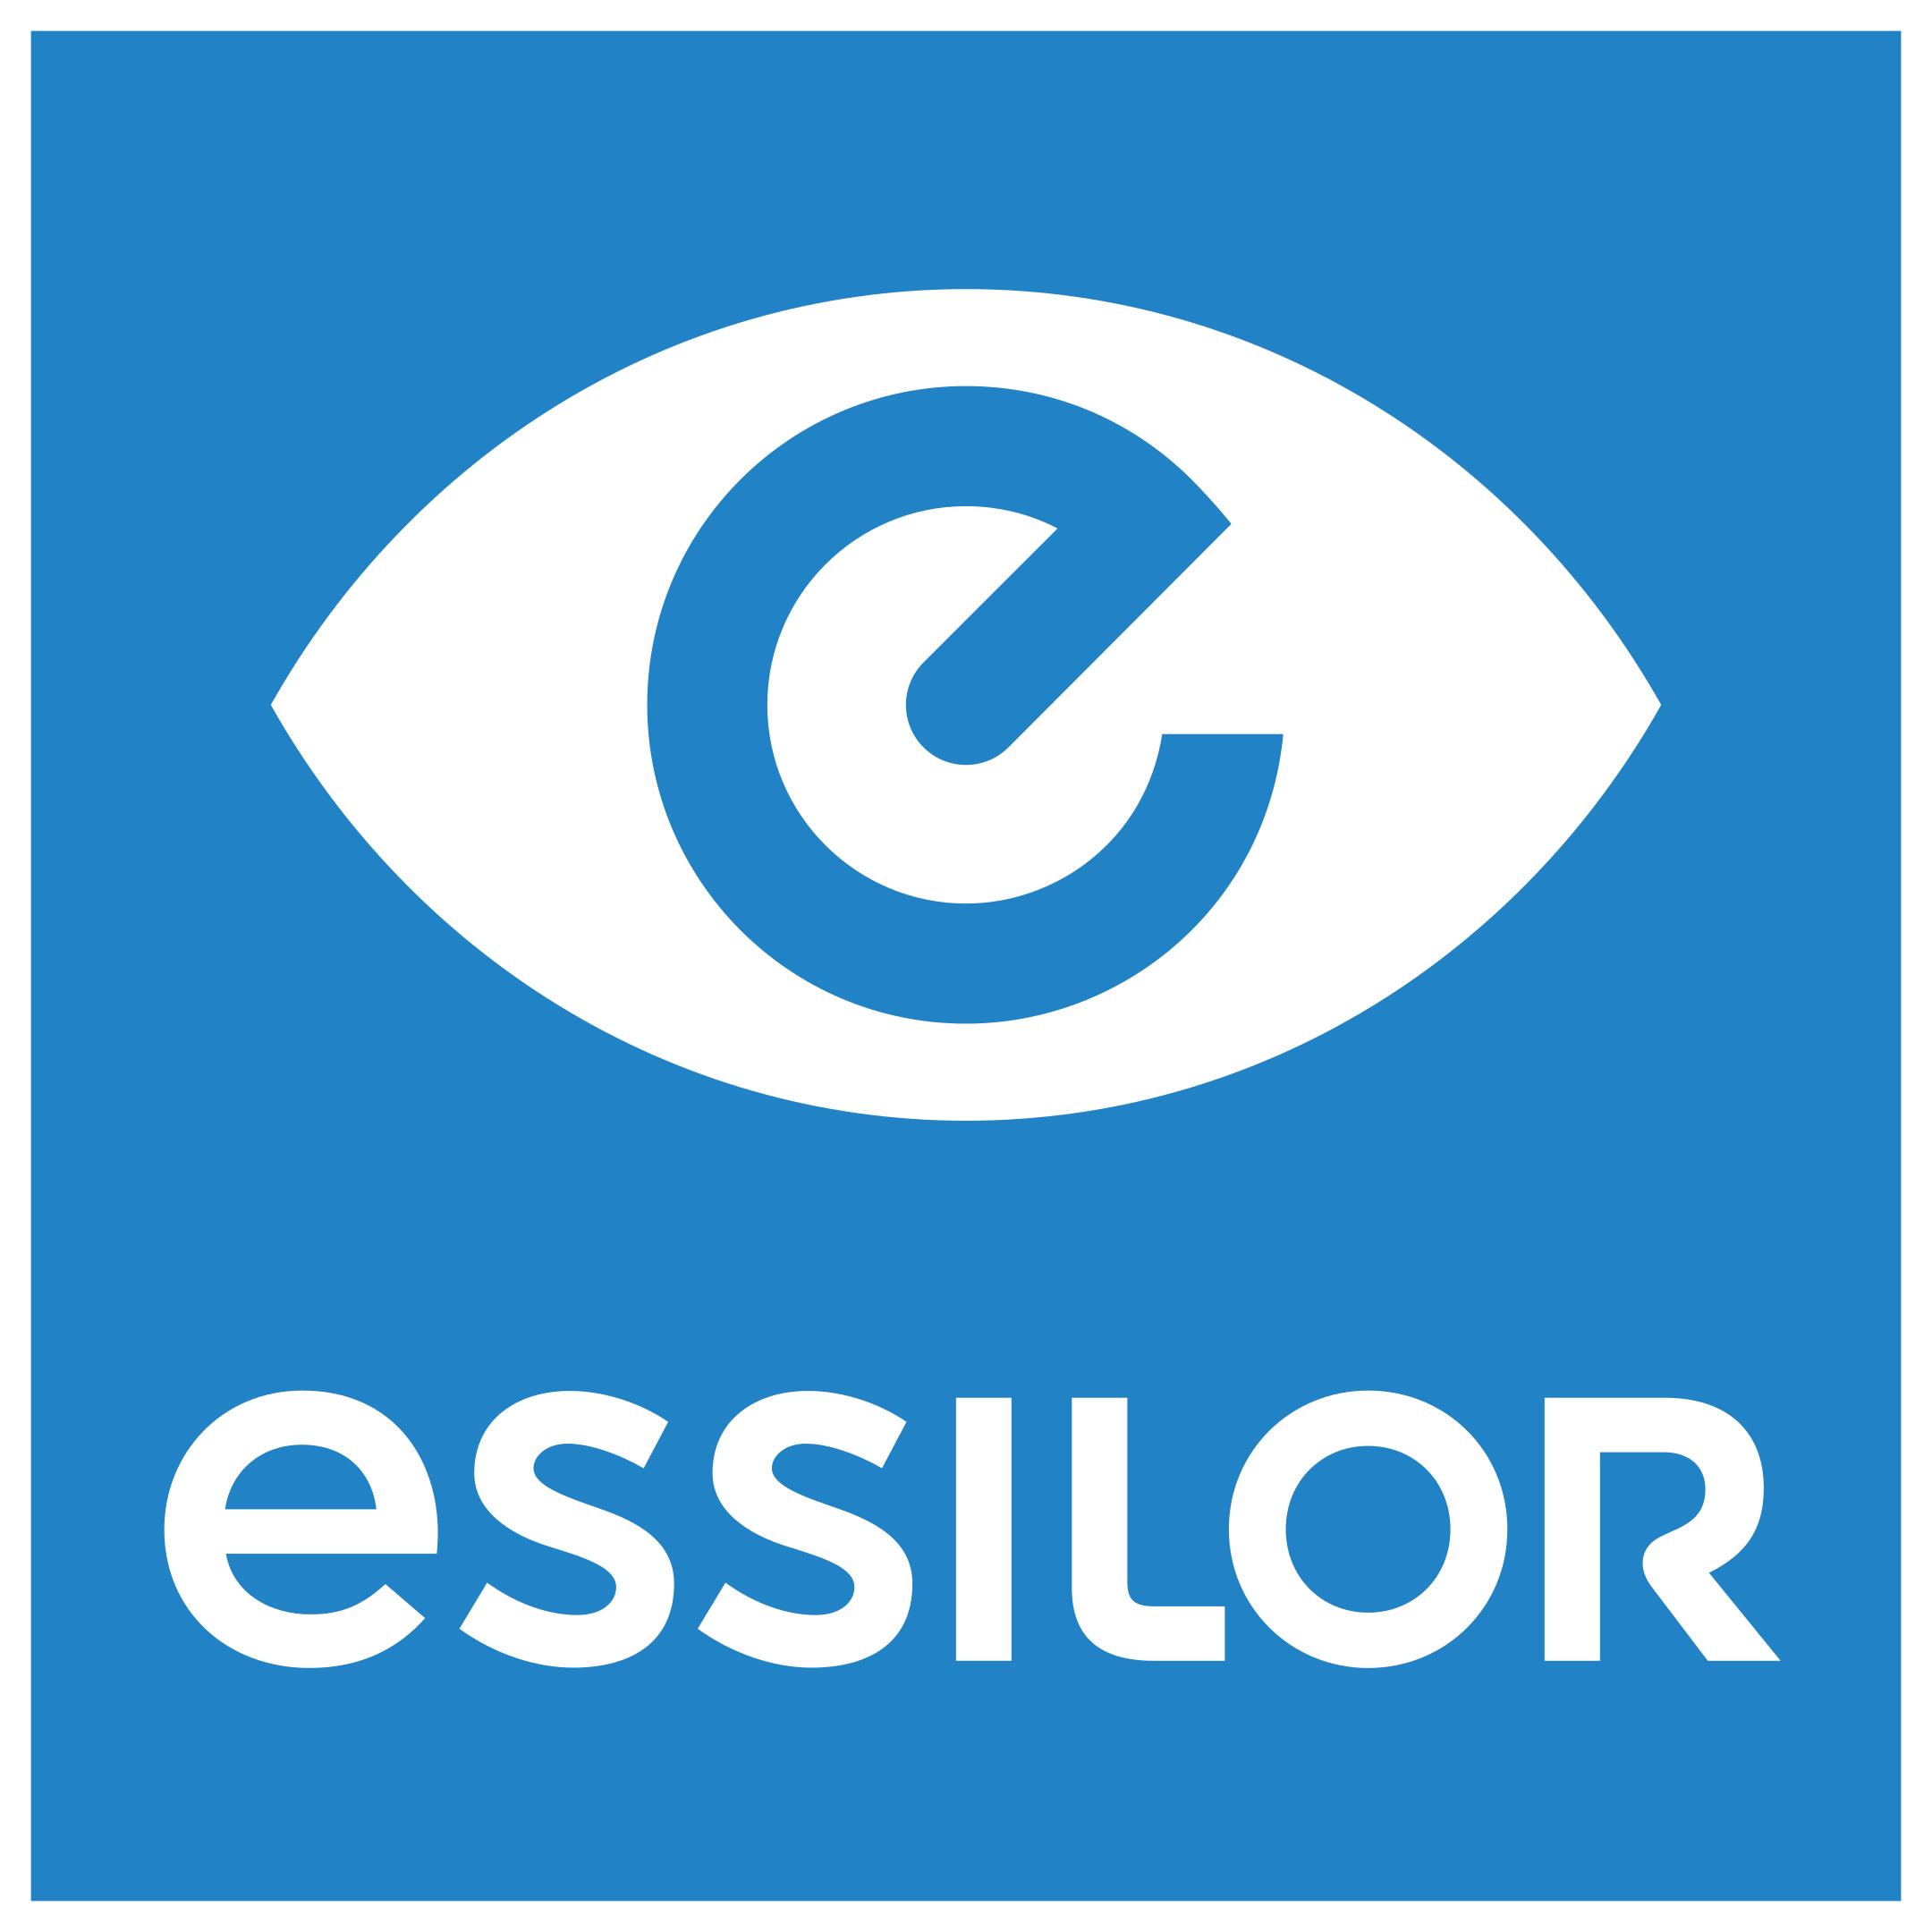 essilor logo 1 - Essilor Logo